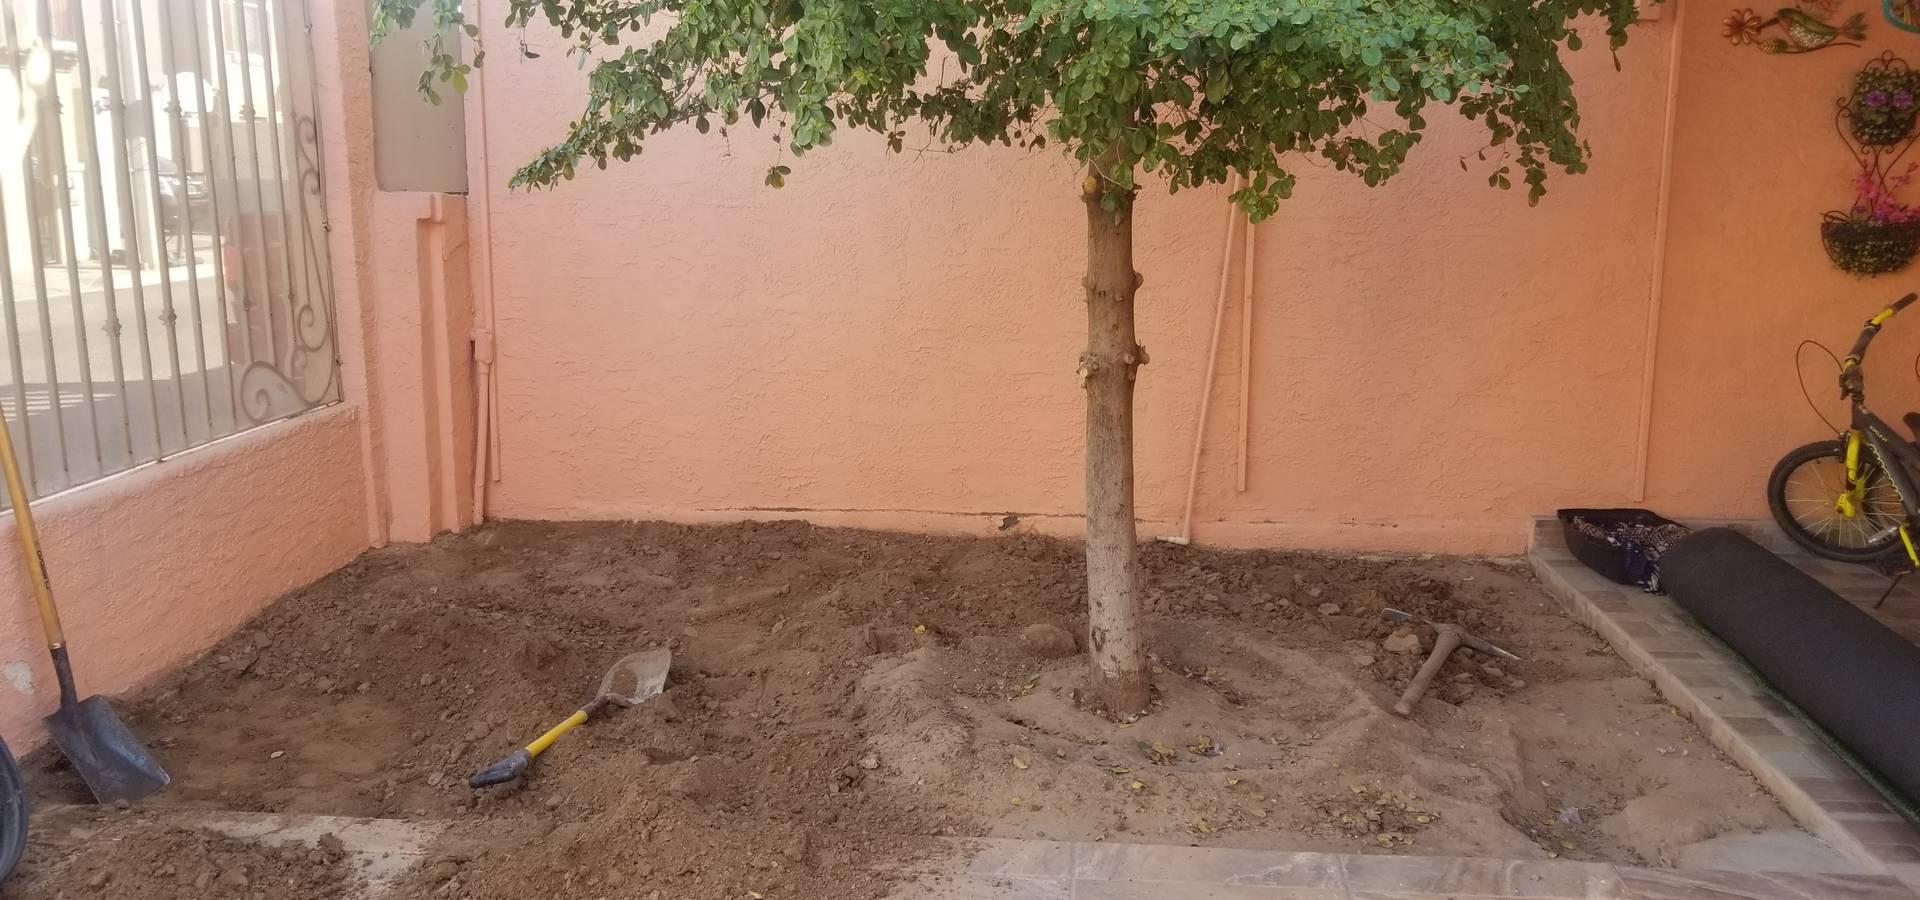 🌳Servicios de jardinería Torres 🌳